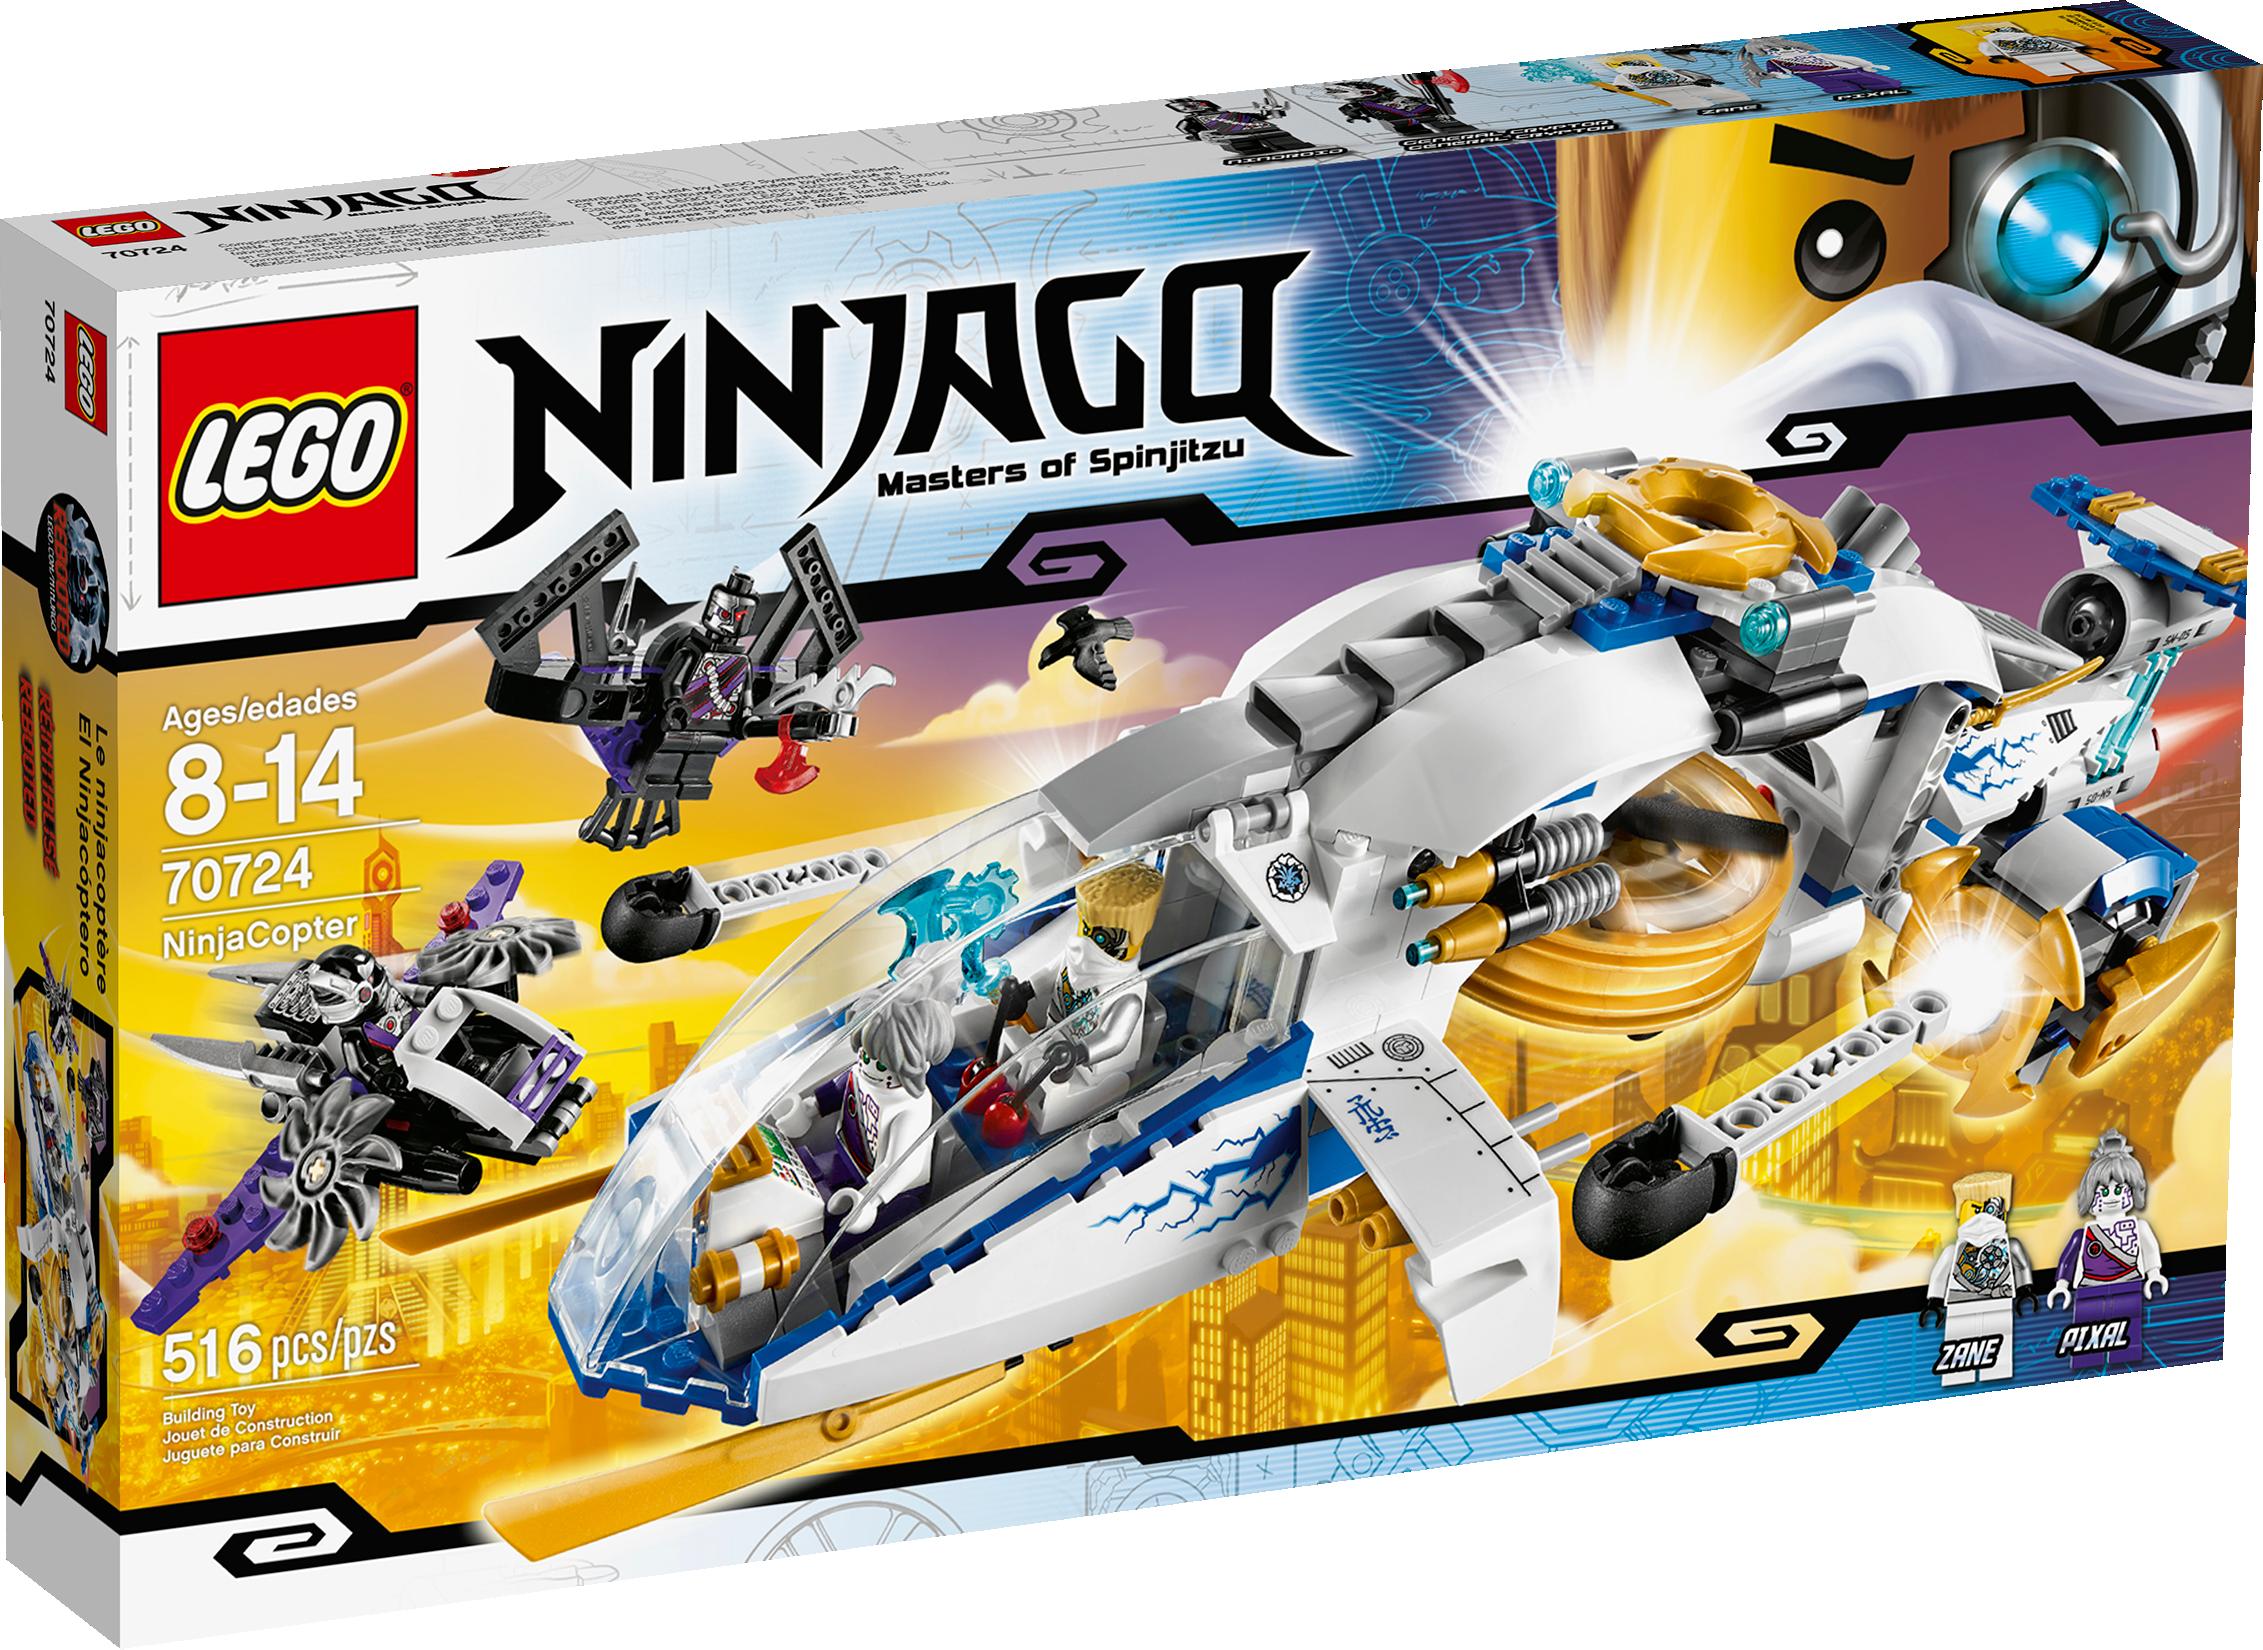 NinjaCopter